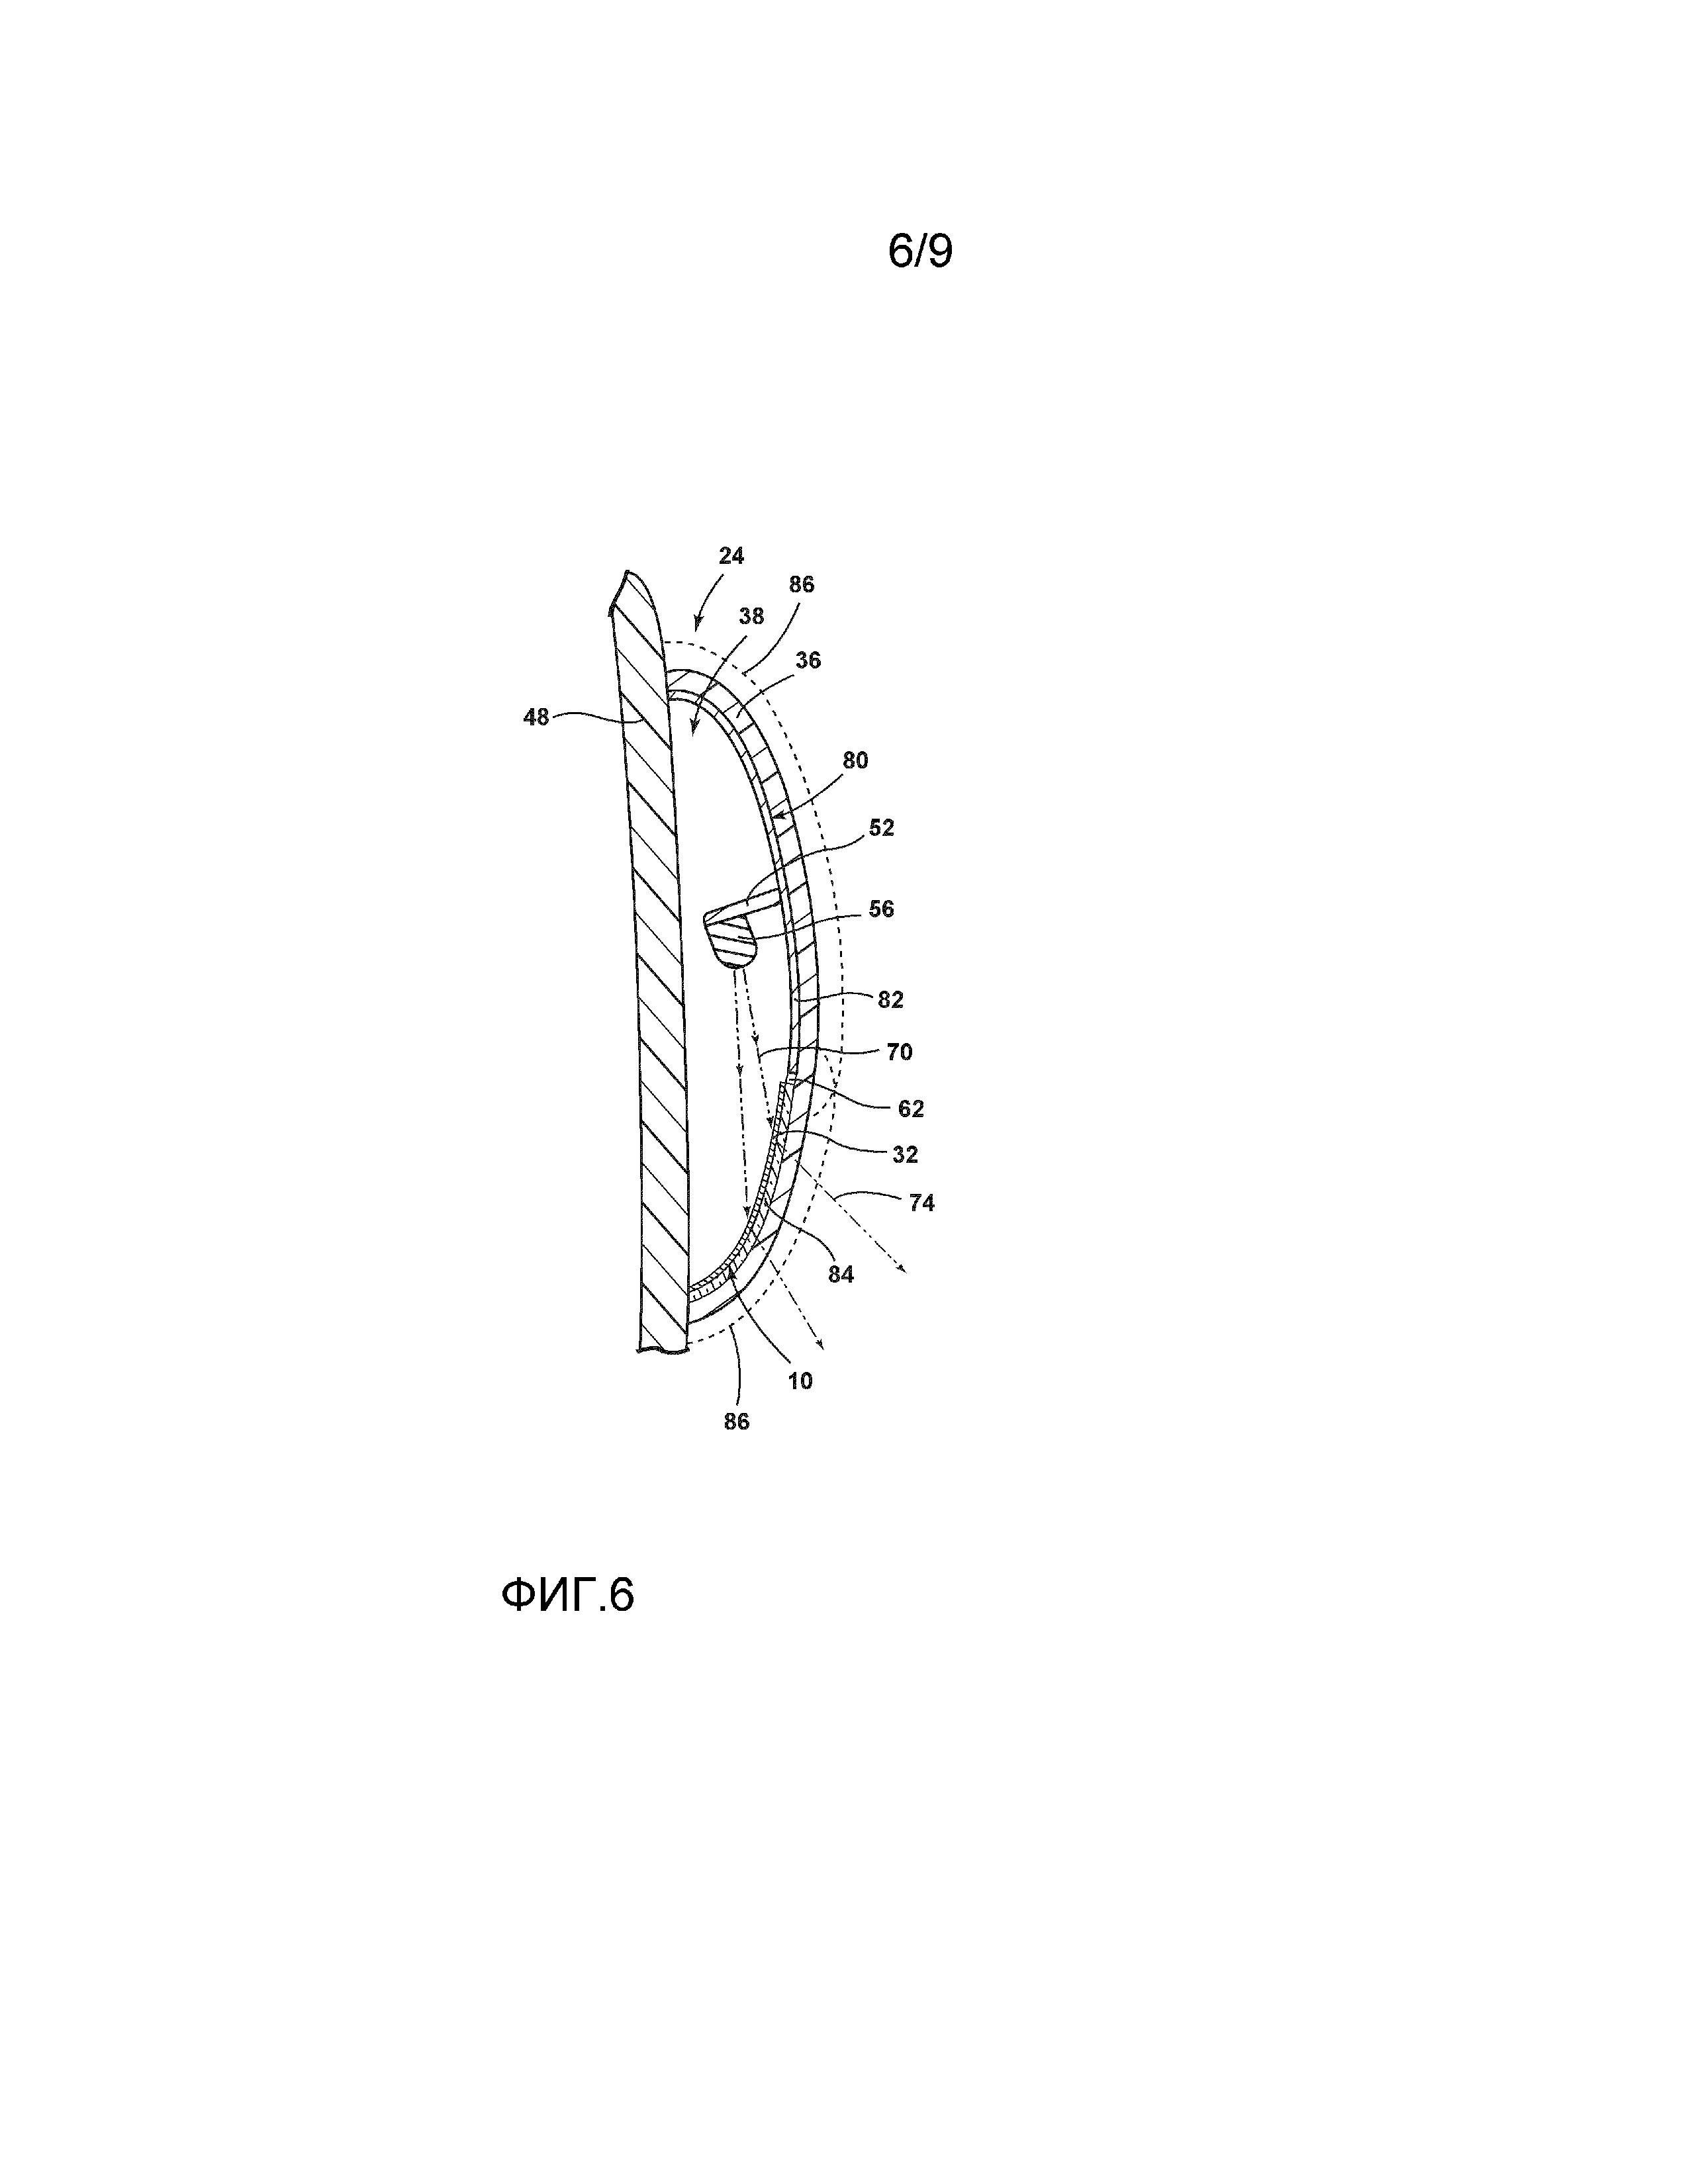 Осветительный узел для транспортного средства (варианты)